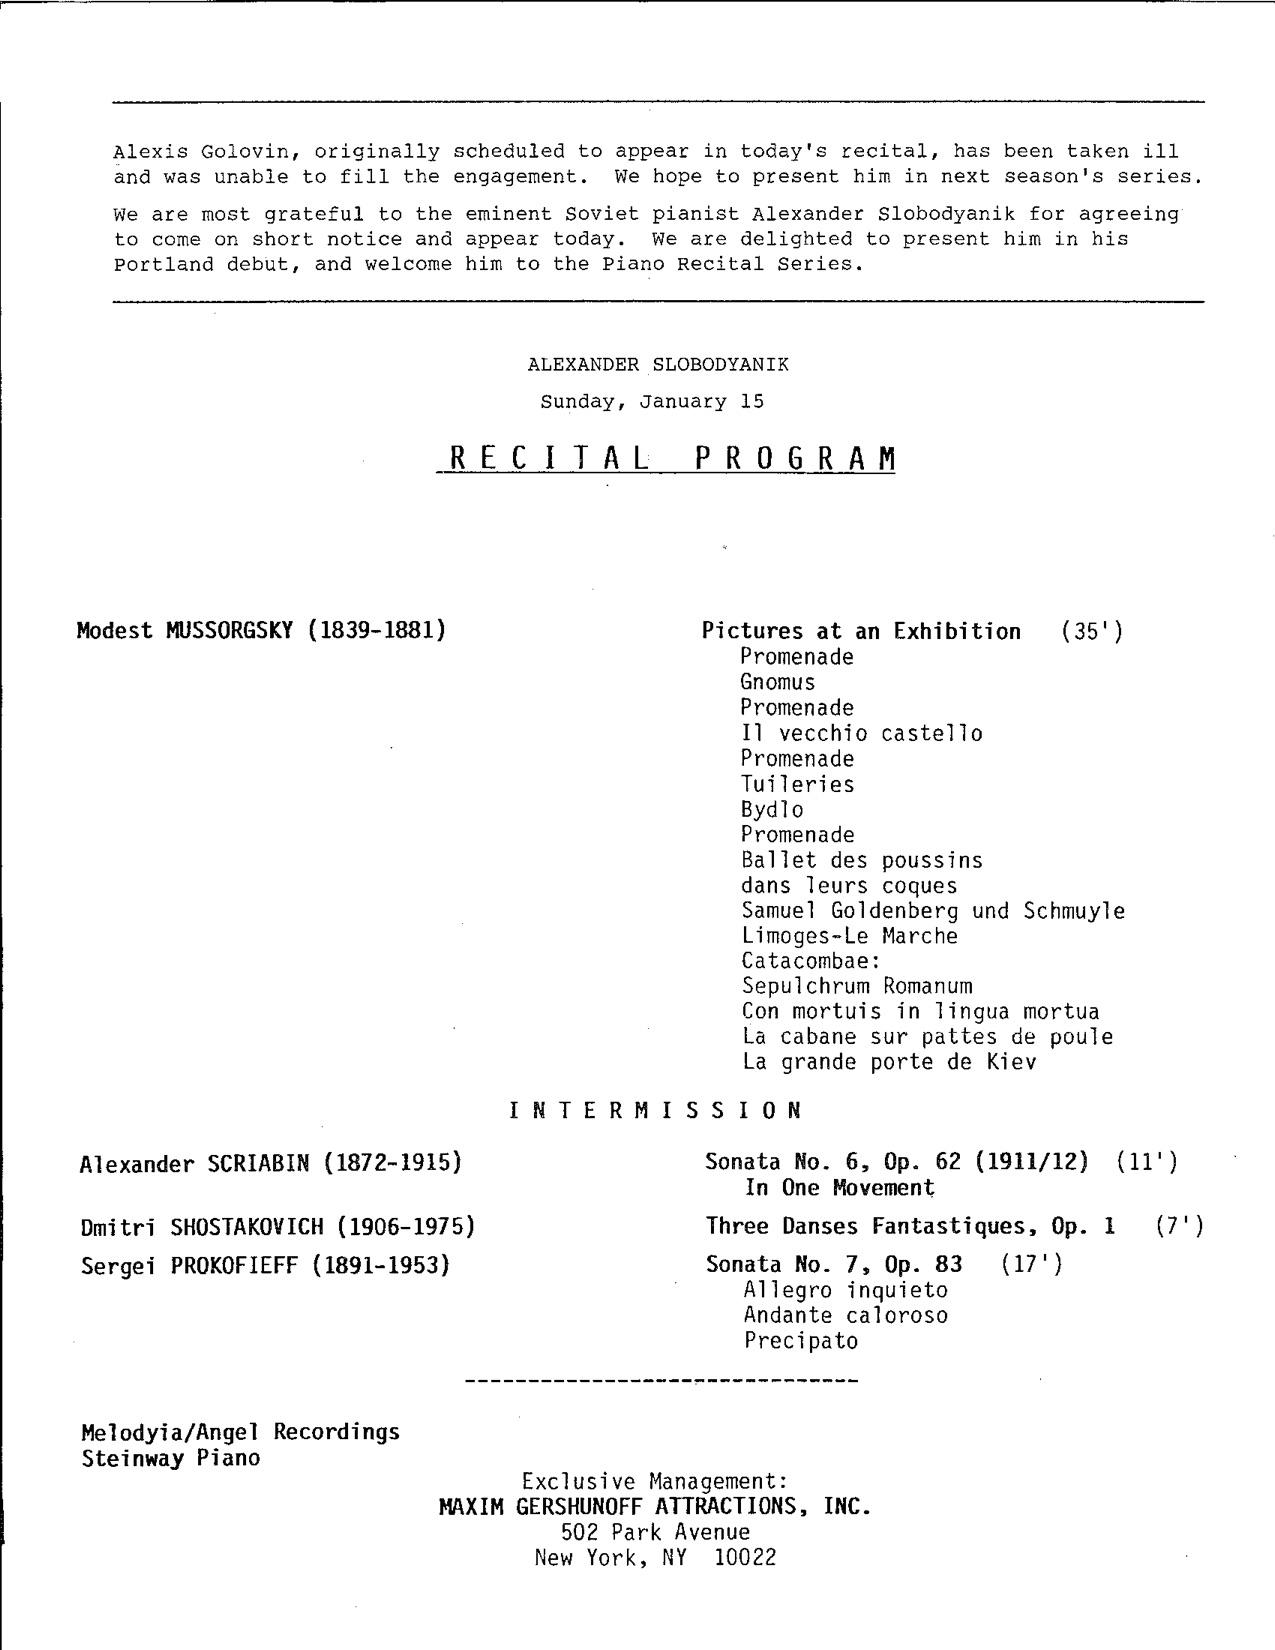 Slobodyanik88-89_Program2.jpg